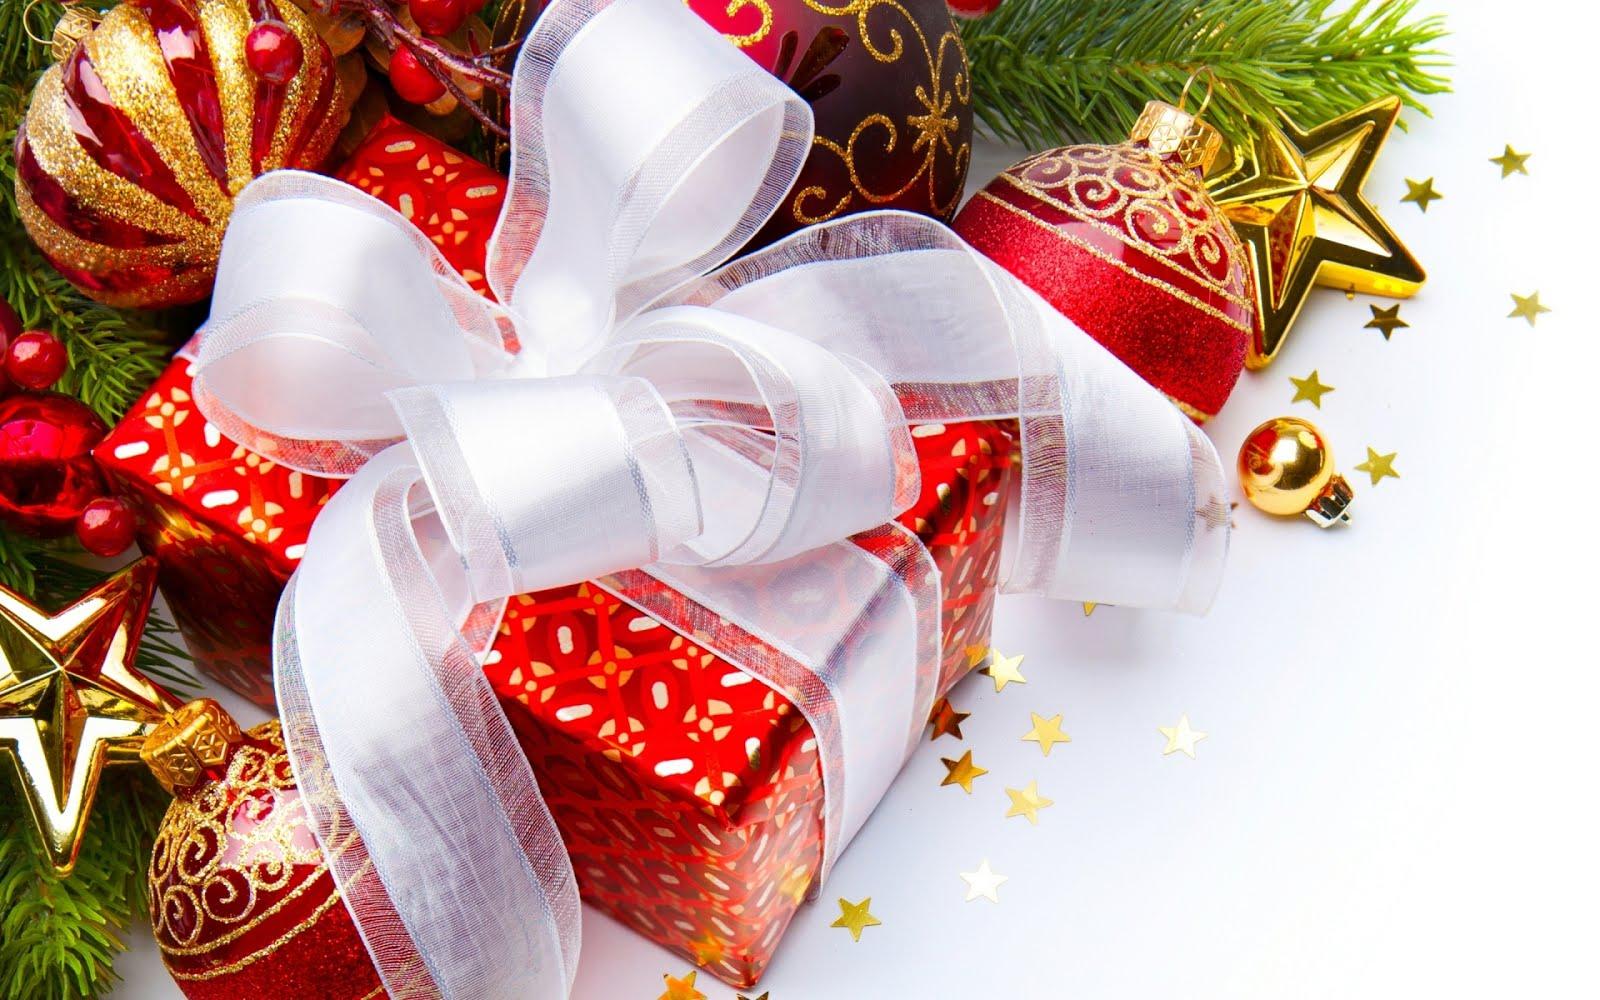 Descargar fondos de navidad para tu pc